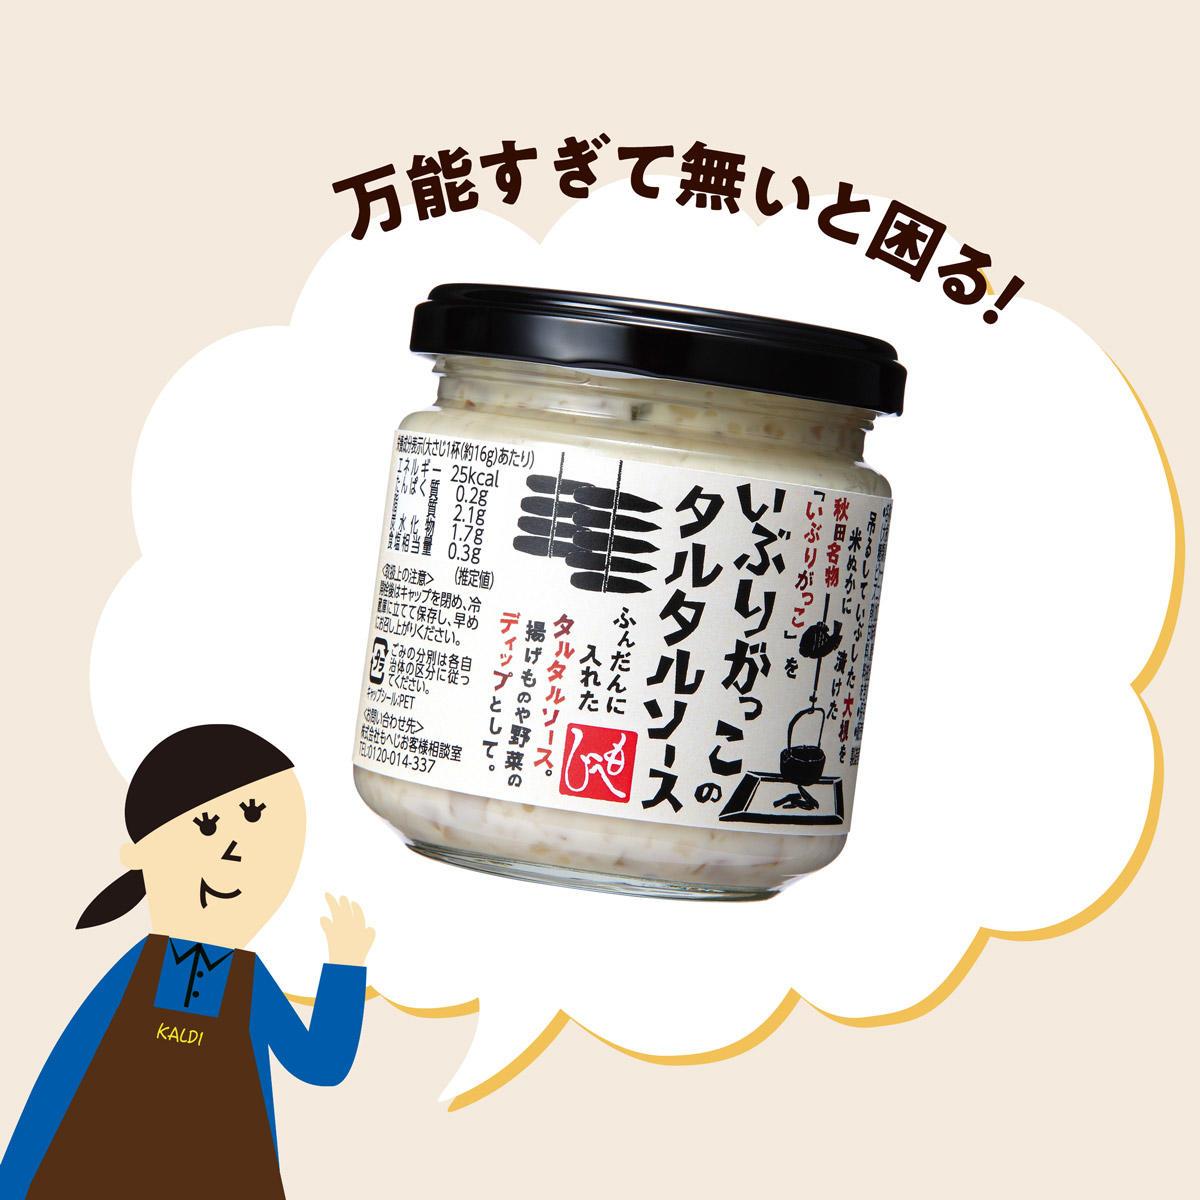 もへじチョイのせ2021_1位.jpg